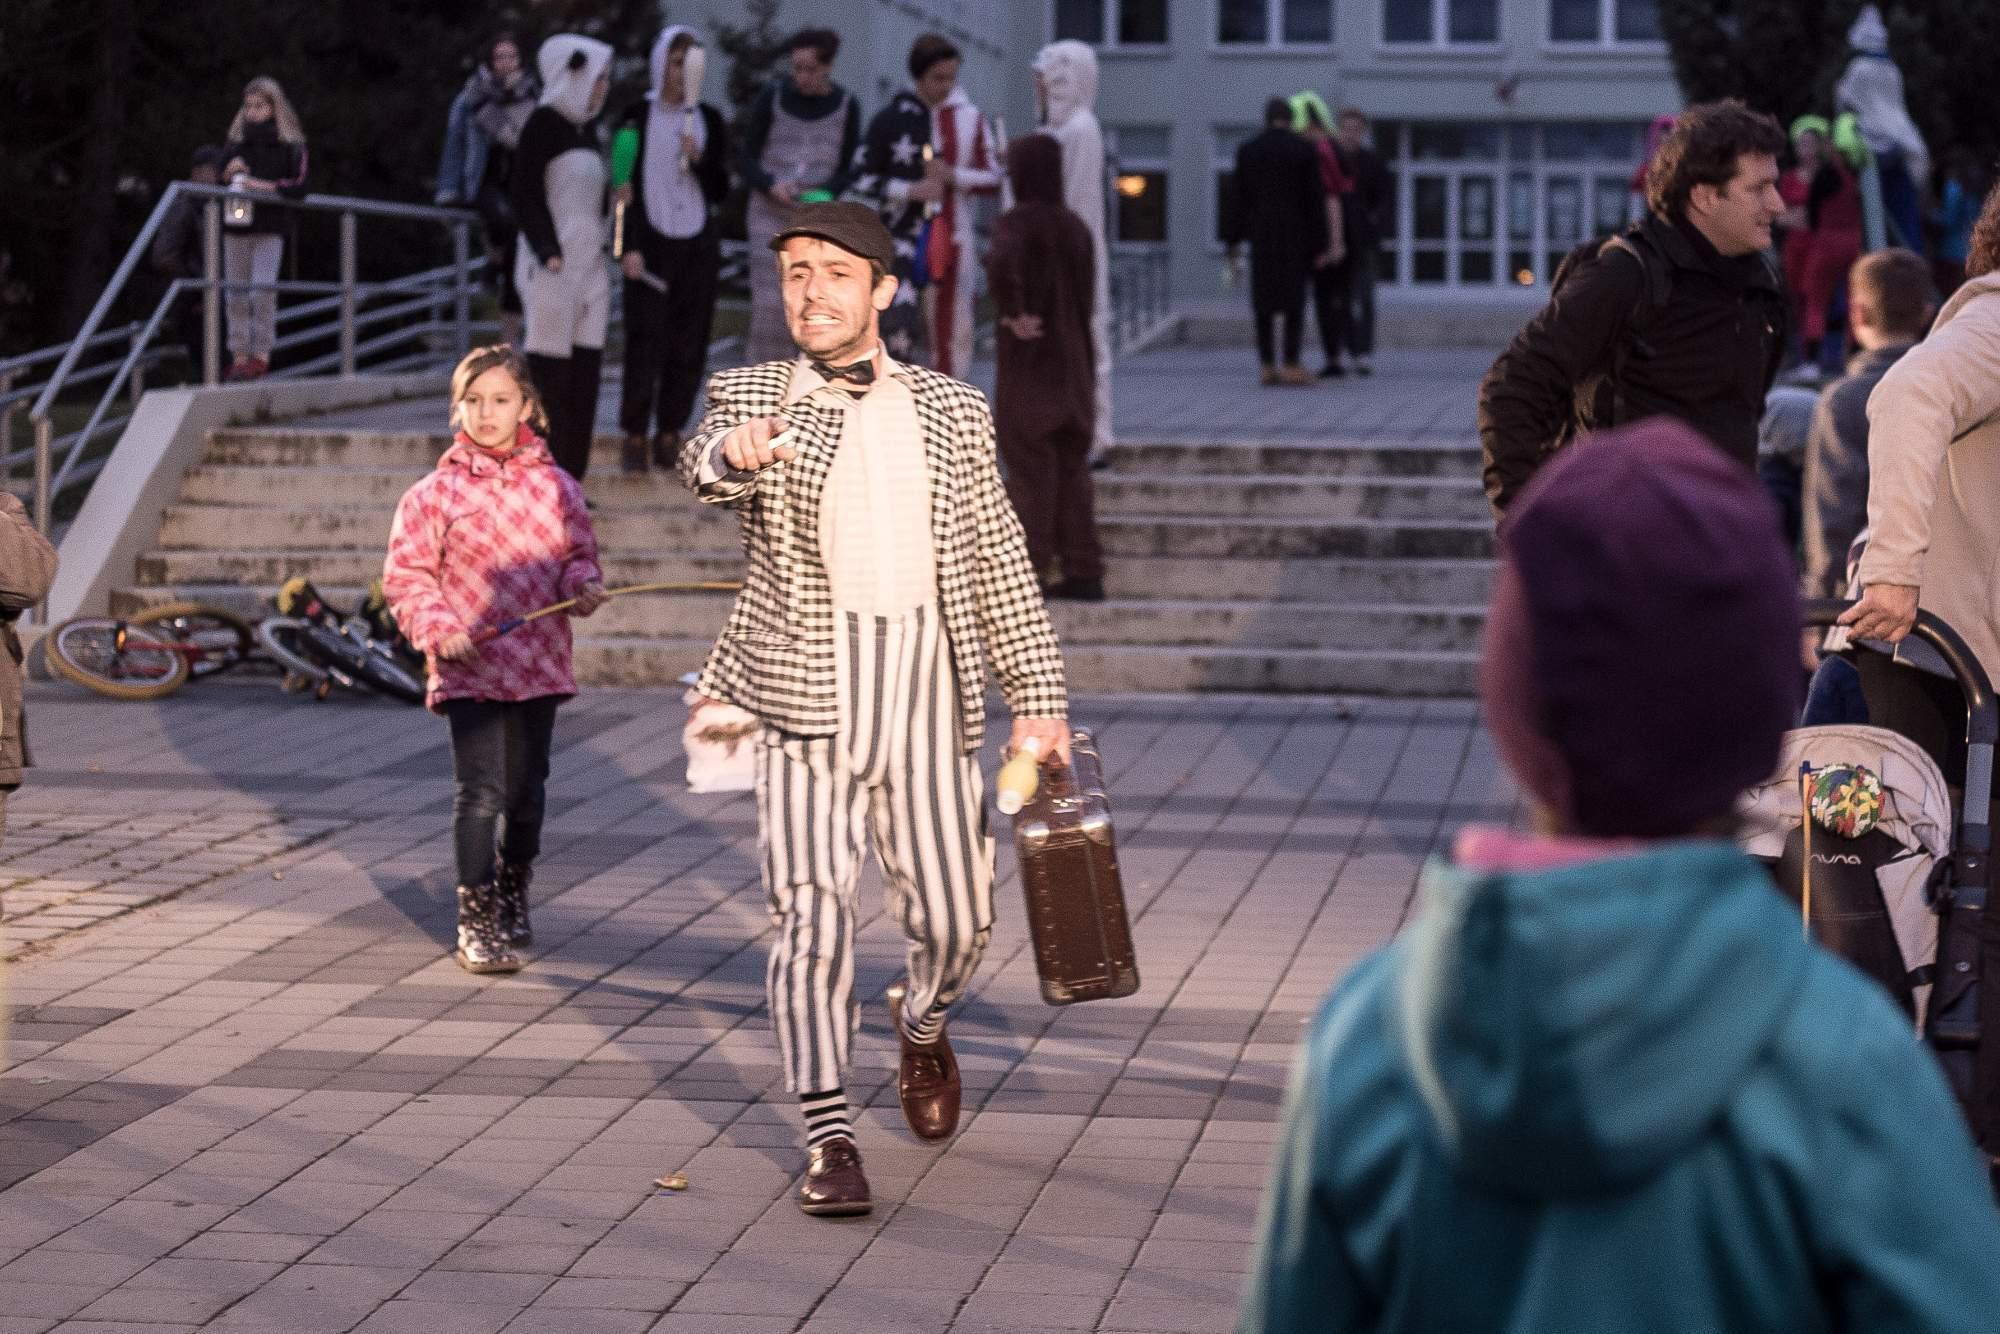 Uvaděč jako první označil čárou na zemi místo, kde se odehraje představení, a kam si mají děti stoupnout, aby lépe viděly. Foto: Kristýna Čermáková